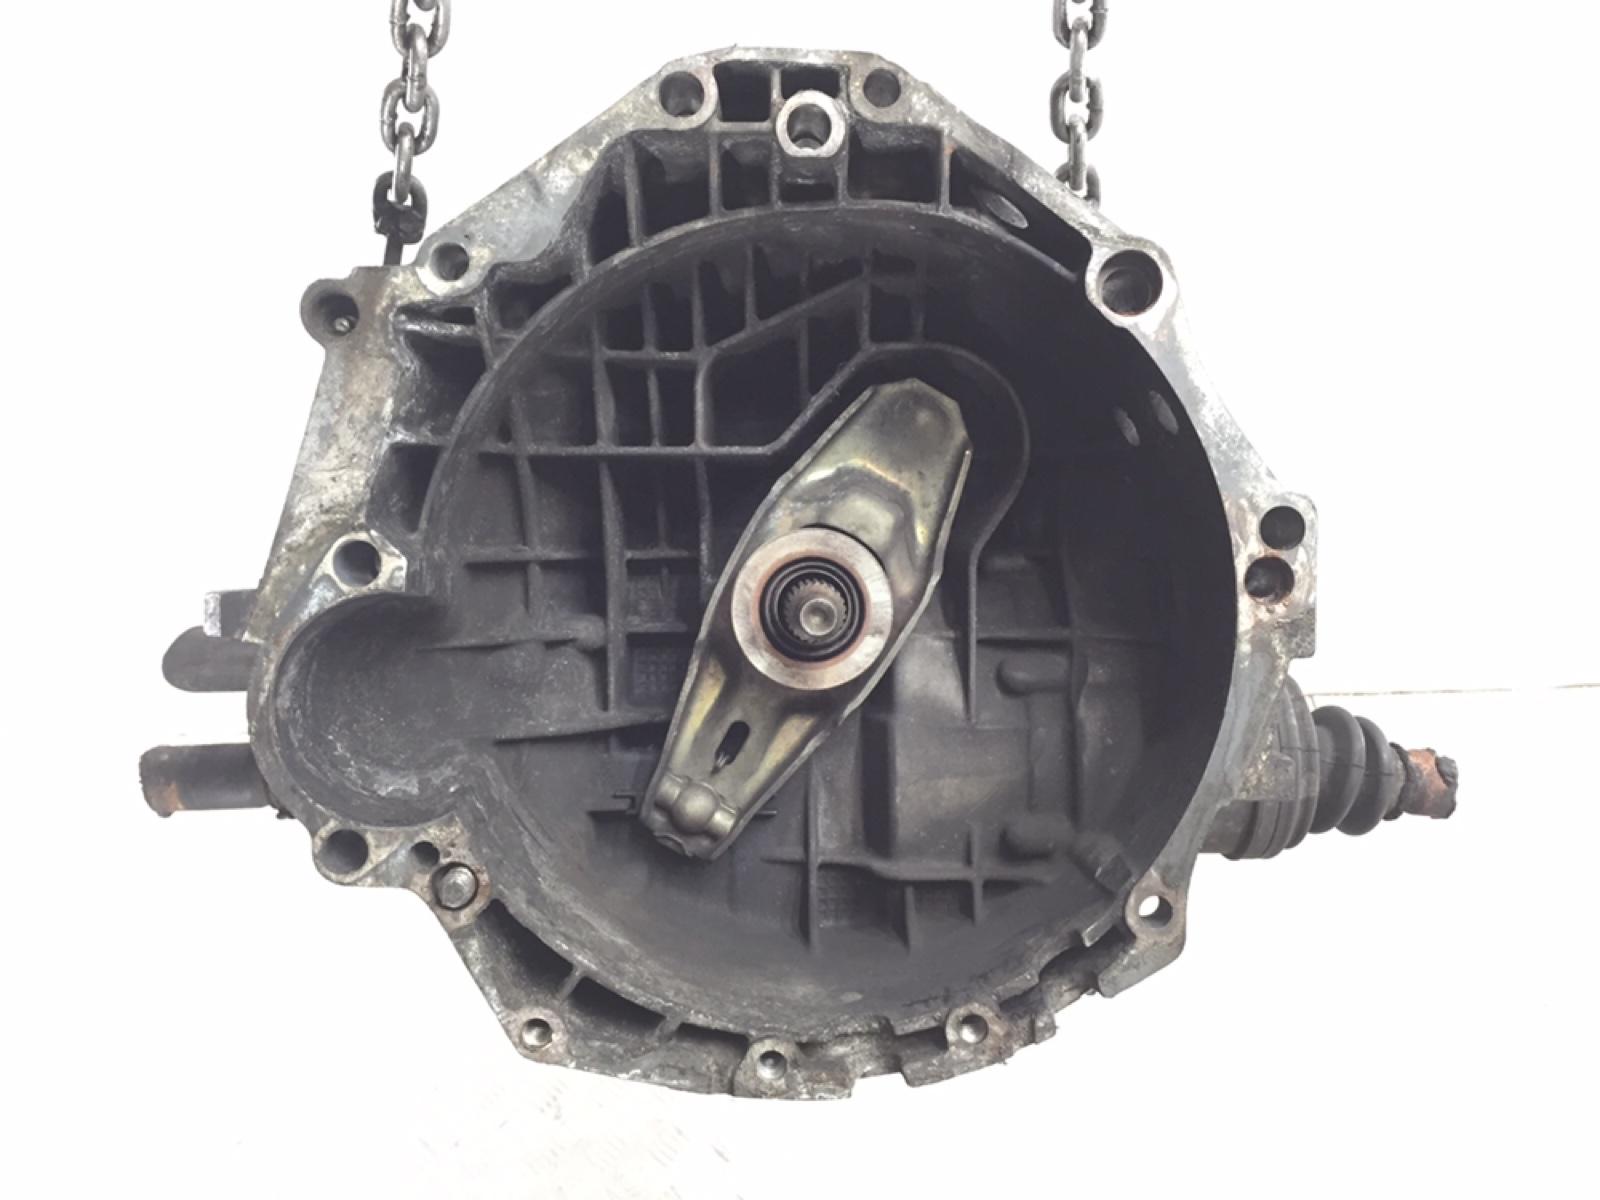 Кпп механическая (мкпп) Audi A4 B6 2.0 I 2001 (б/у)